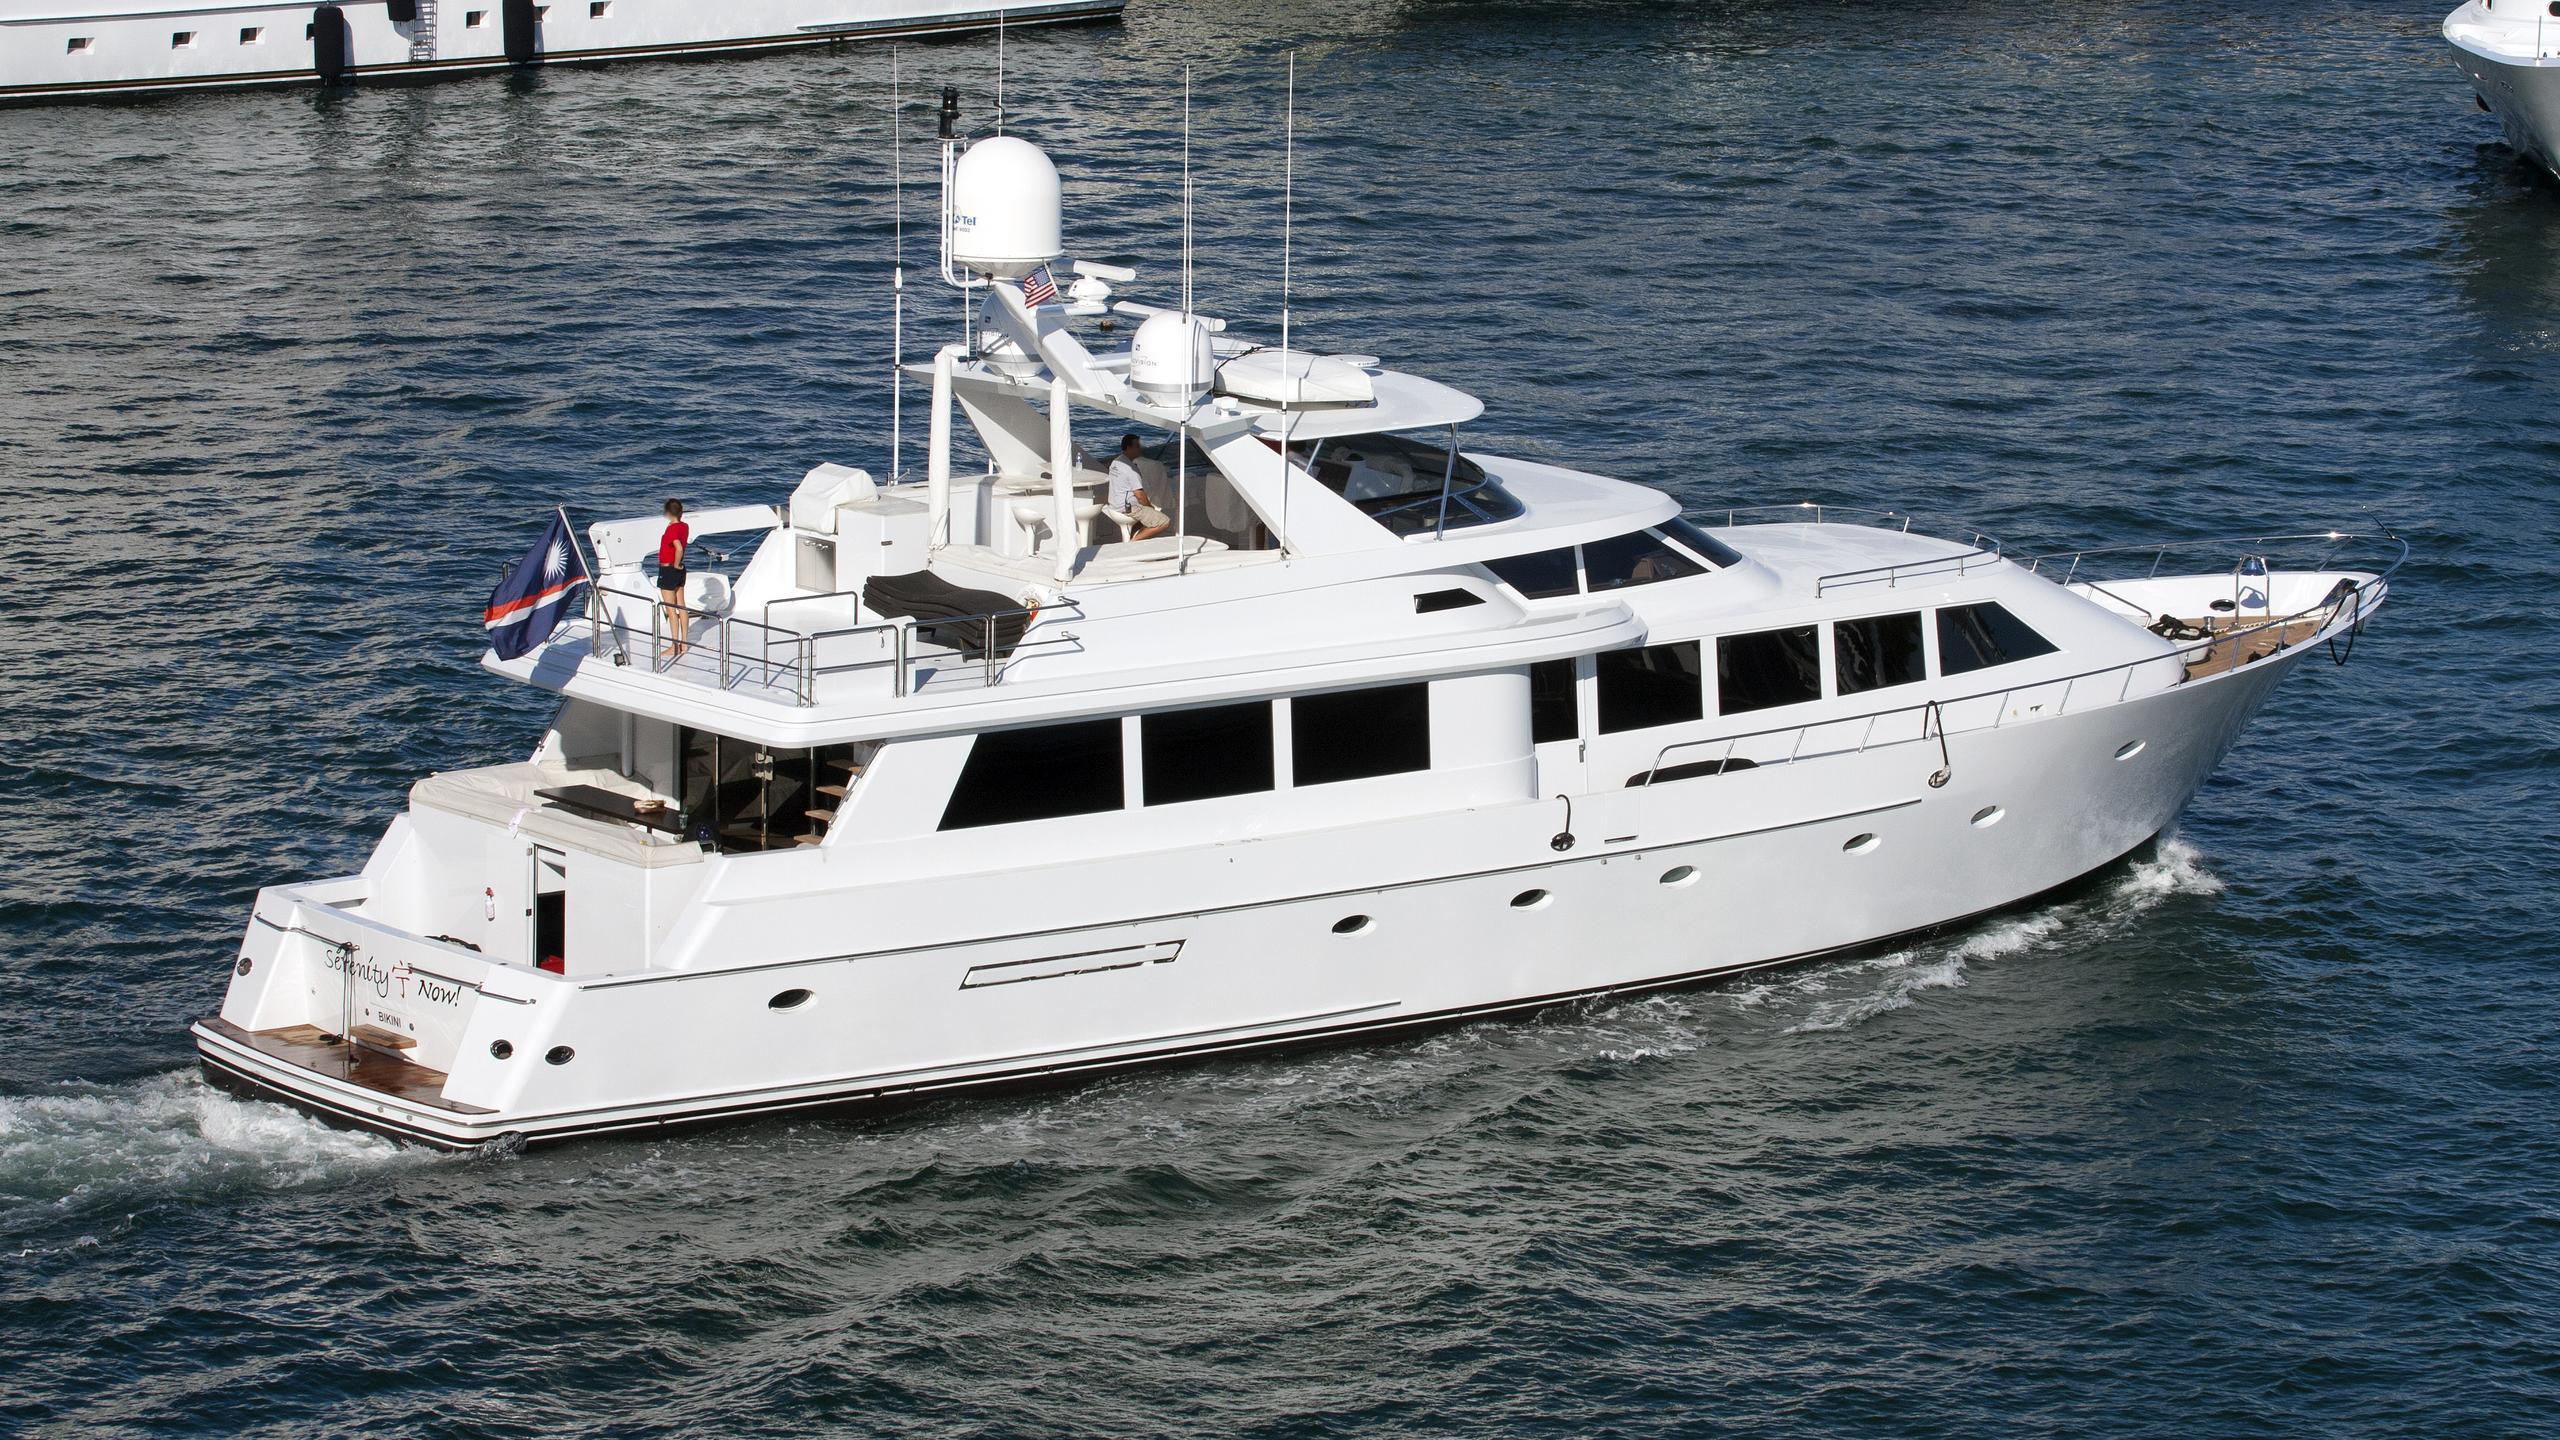 cru-motor-yacht-westpor-westship-96-1991-29m-profile